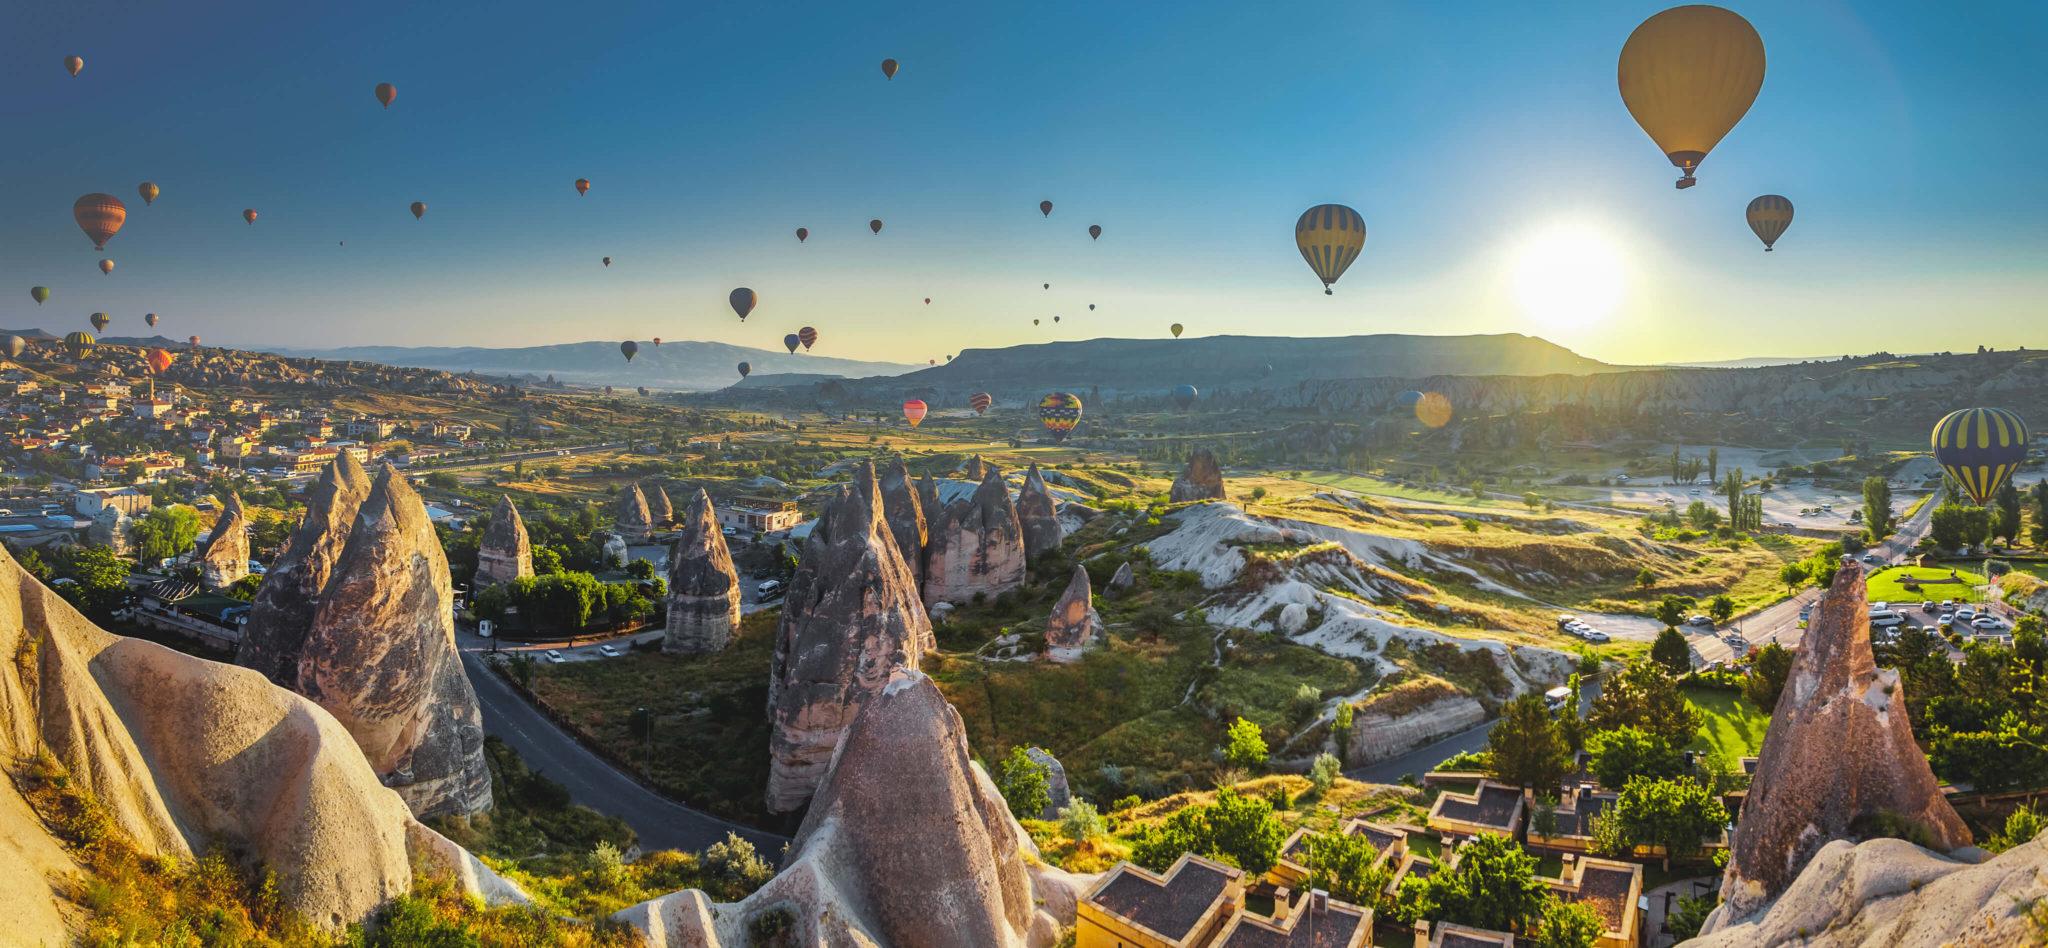 """16 เหตุผลทำไมคุณควรไป """"เที่ยวตุรกี"""" สักครั้งในชีวิต 15 - AP (Thailand) - เอพี (ไทยแลนด์)"""